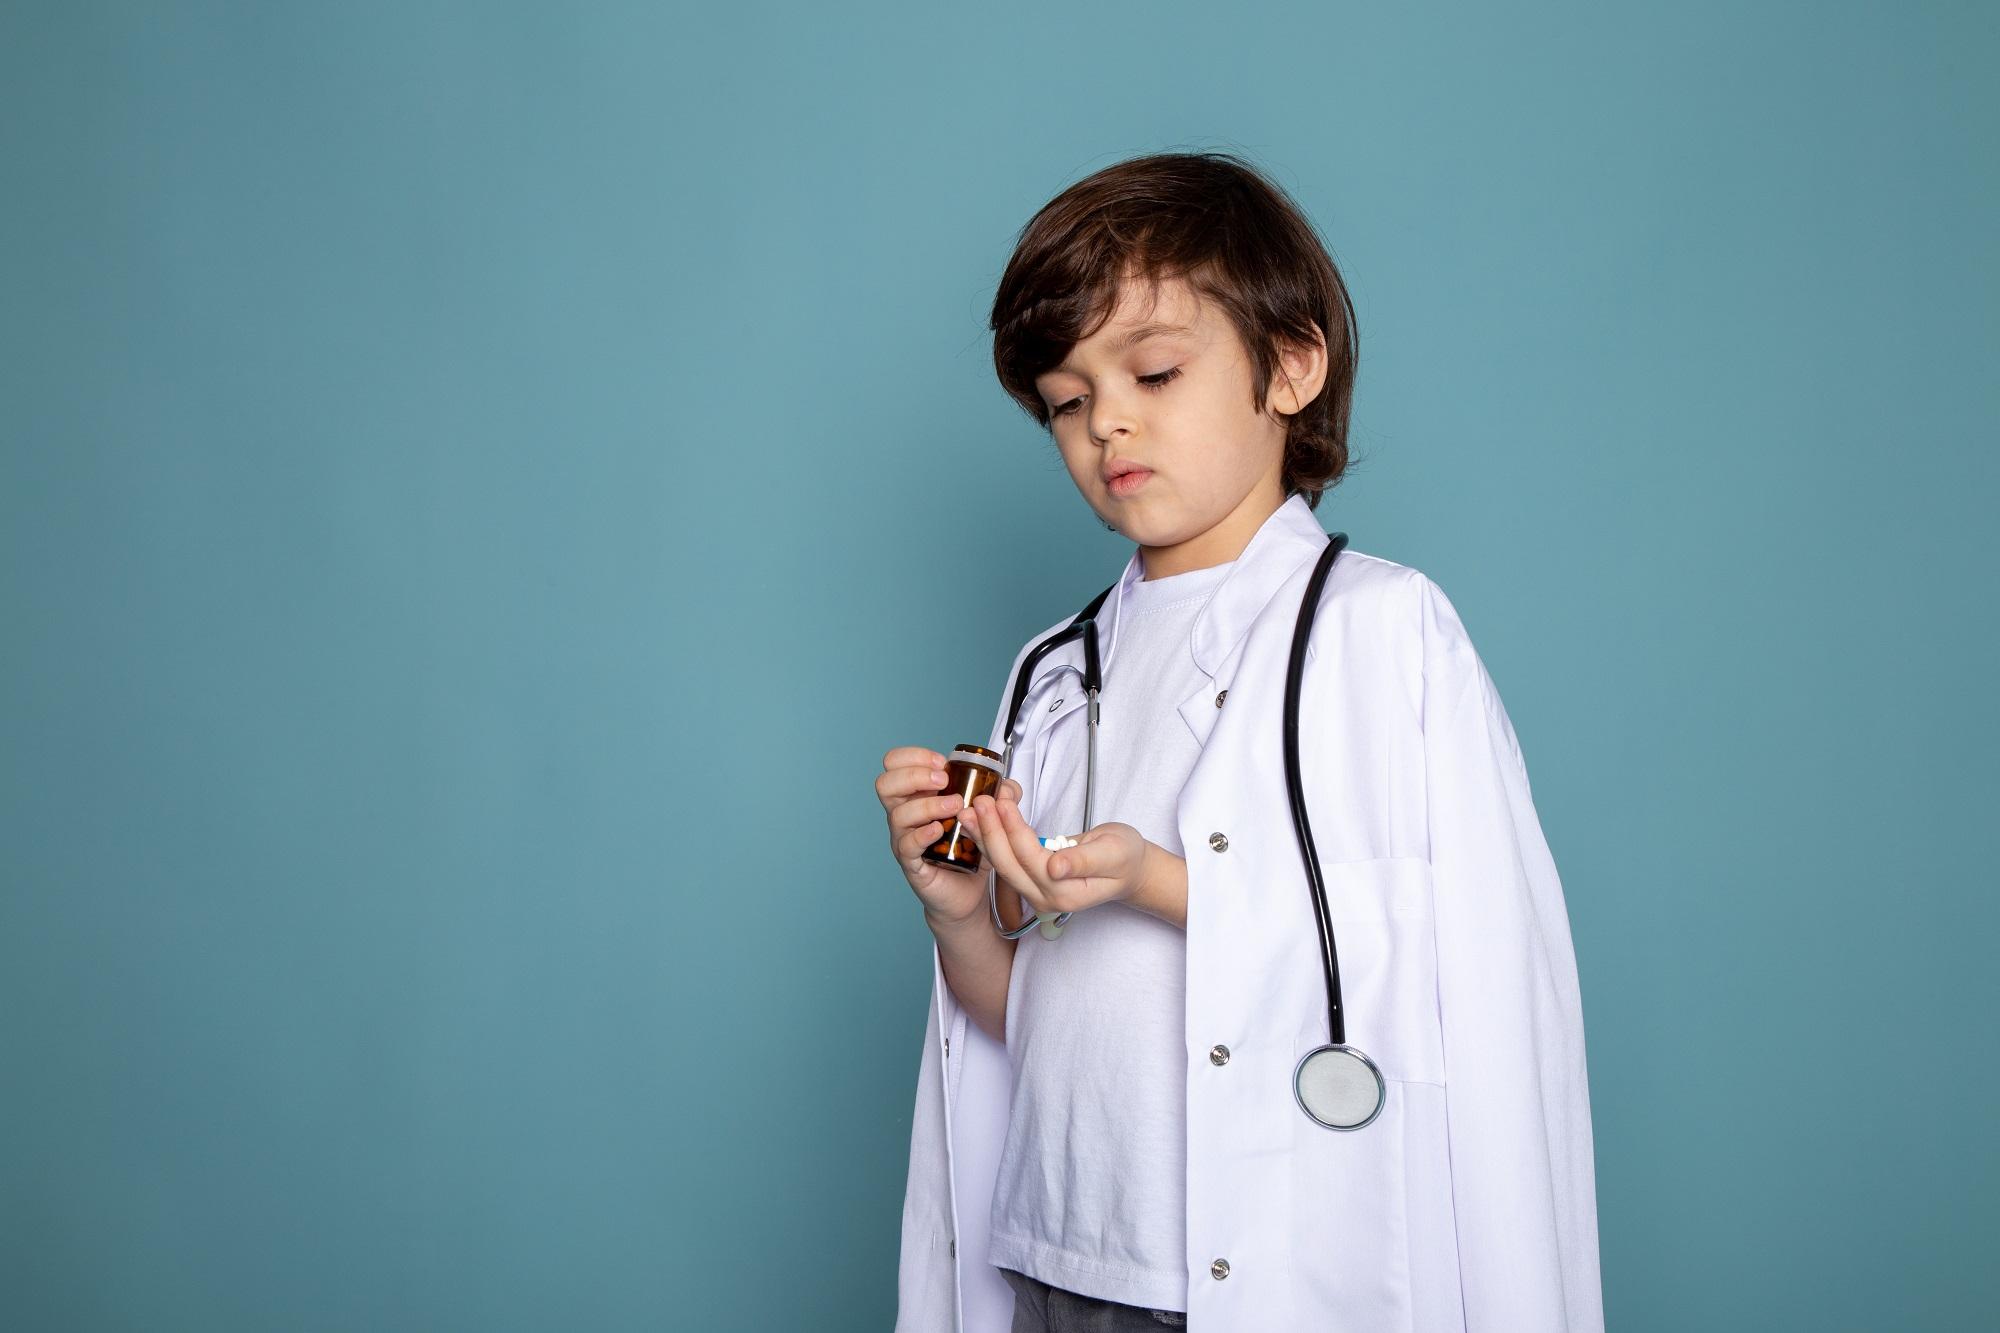 Recrutement: Infirmier/ Infirmière de santé au travail F/H chez Actiss à Pontivy